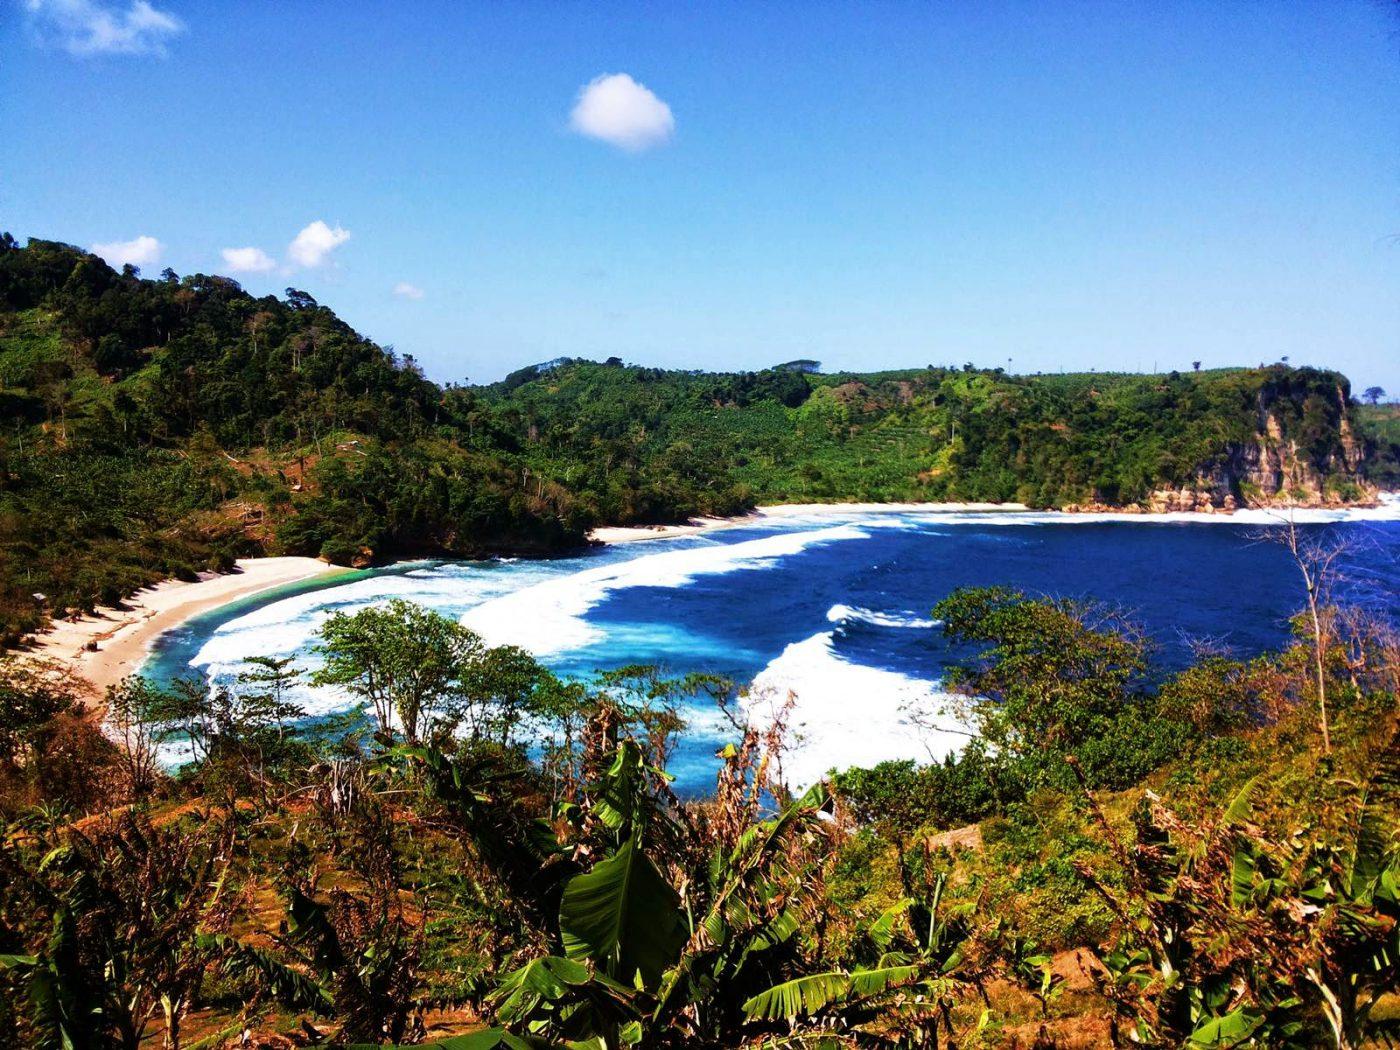 Keindahan Lanskap Pantai Ngalur Tulungagung Jawa Timur